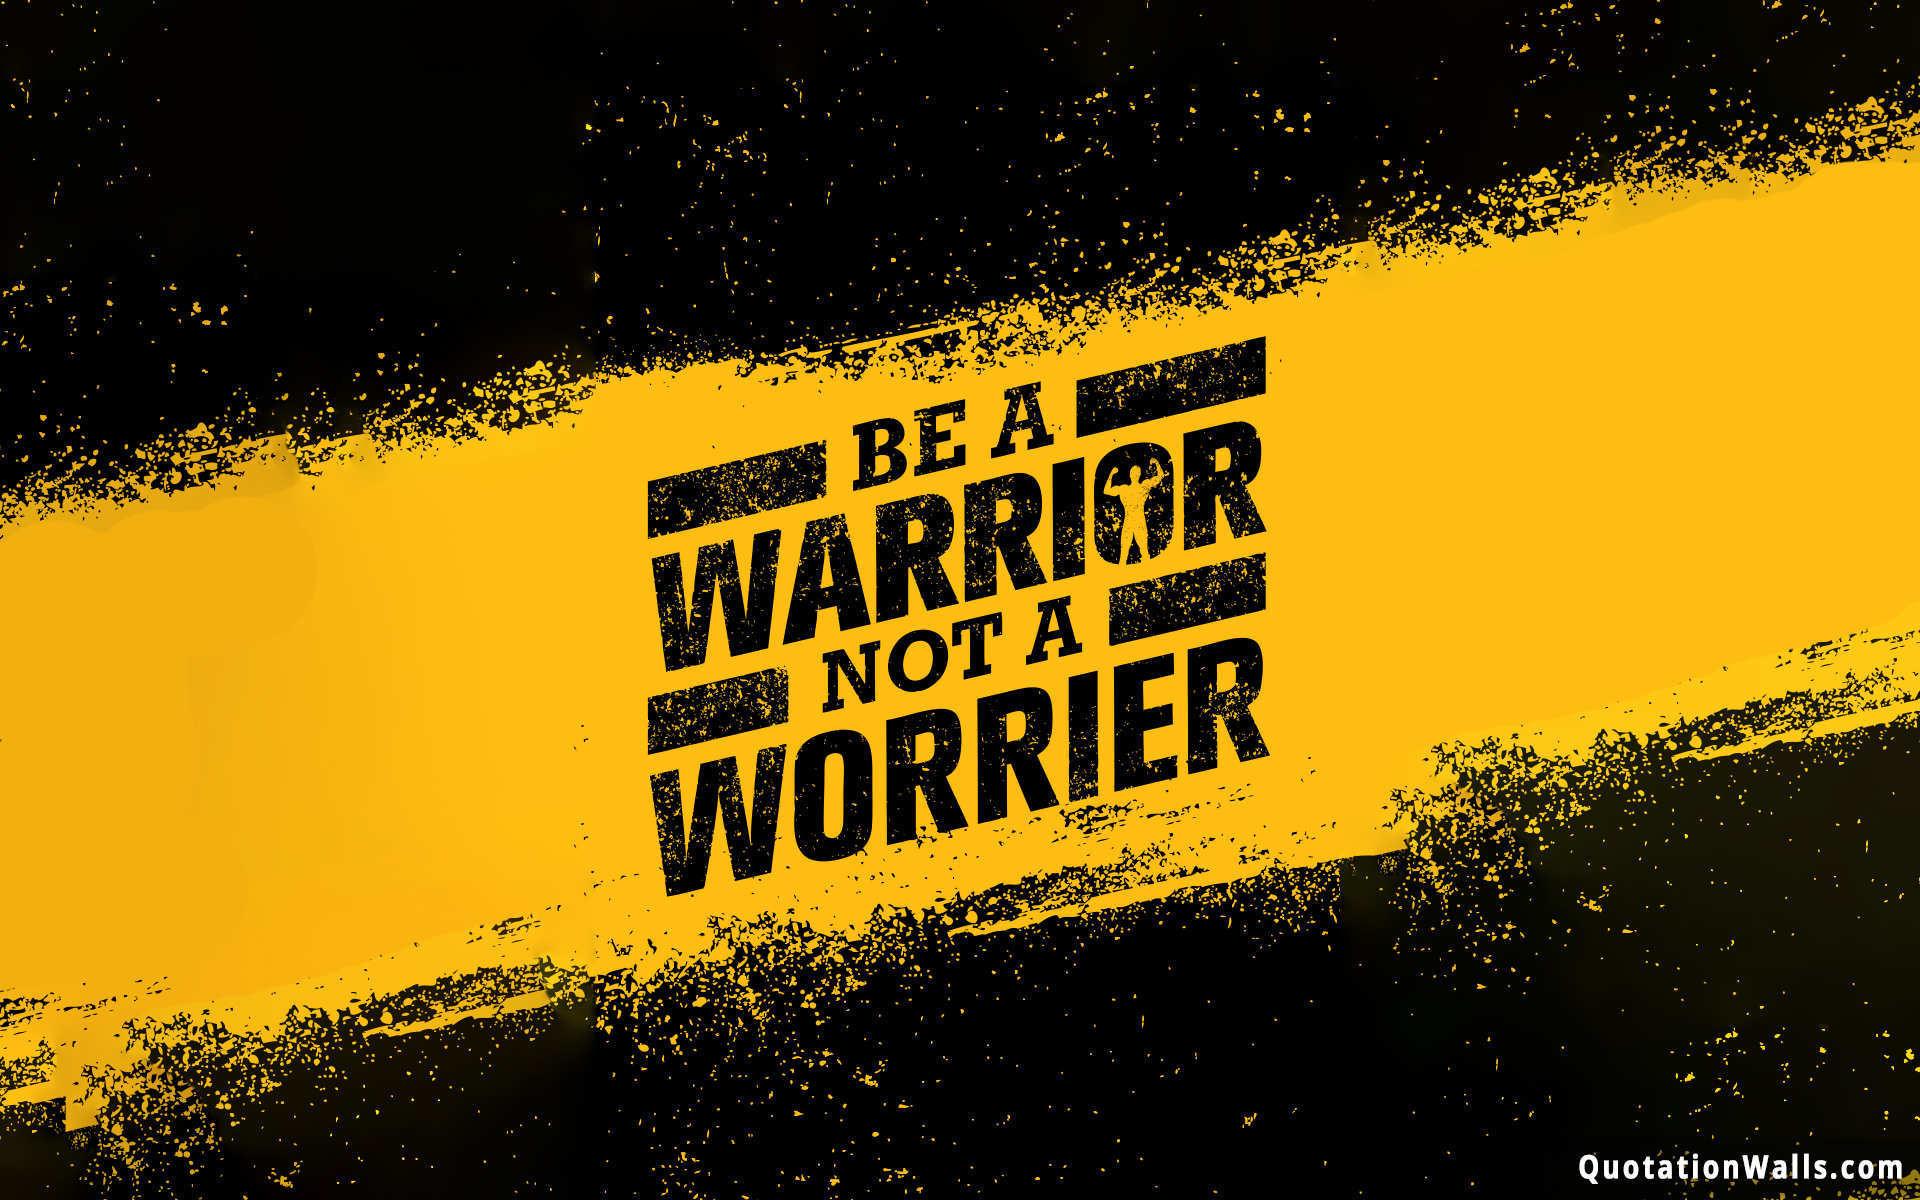 Inspirational Quote Desktop Wallpaper - Motivational Quotes Wallpaper For Desktop , HD Wallpaper & Backgrounds